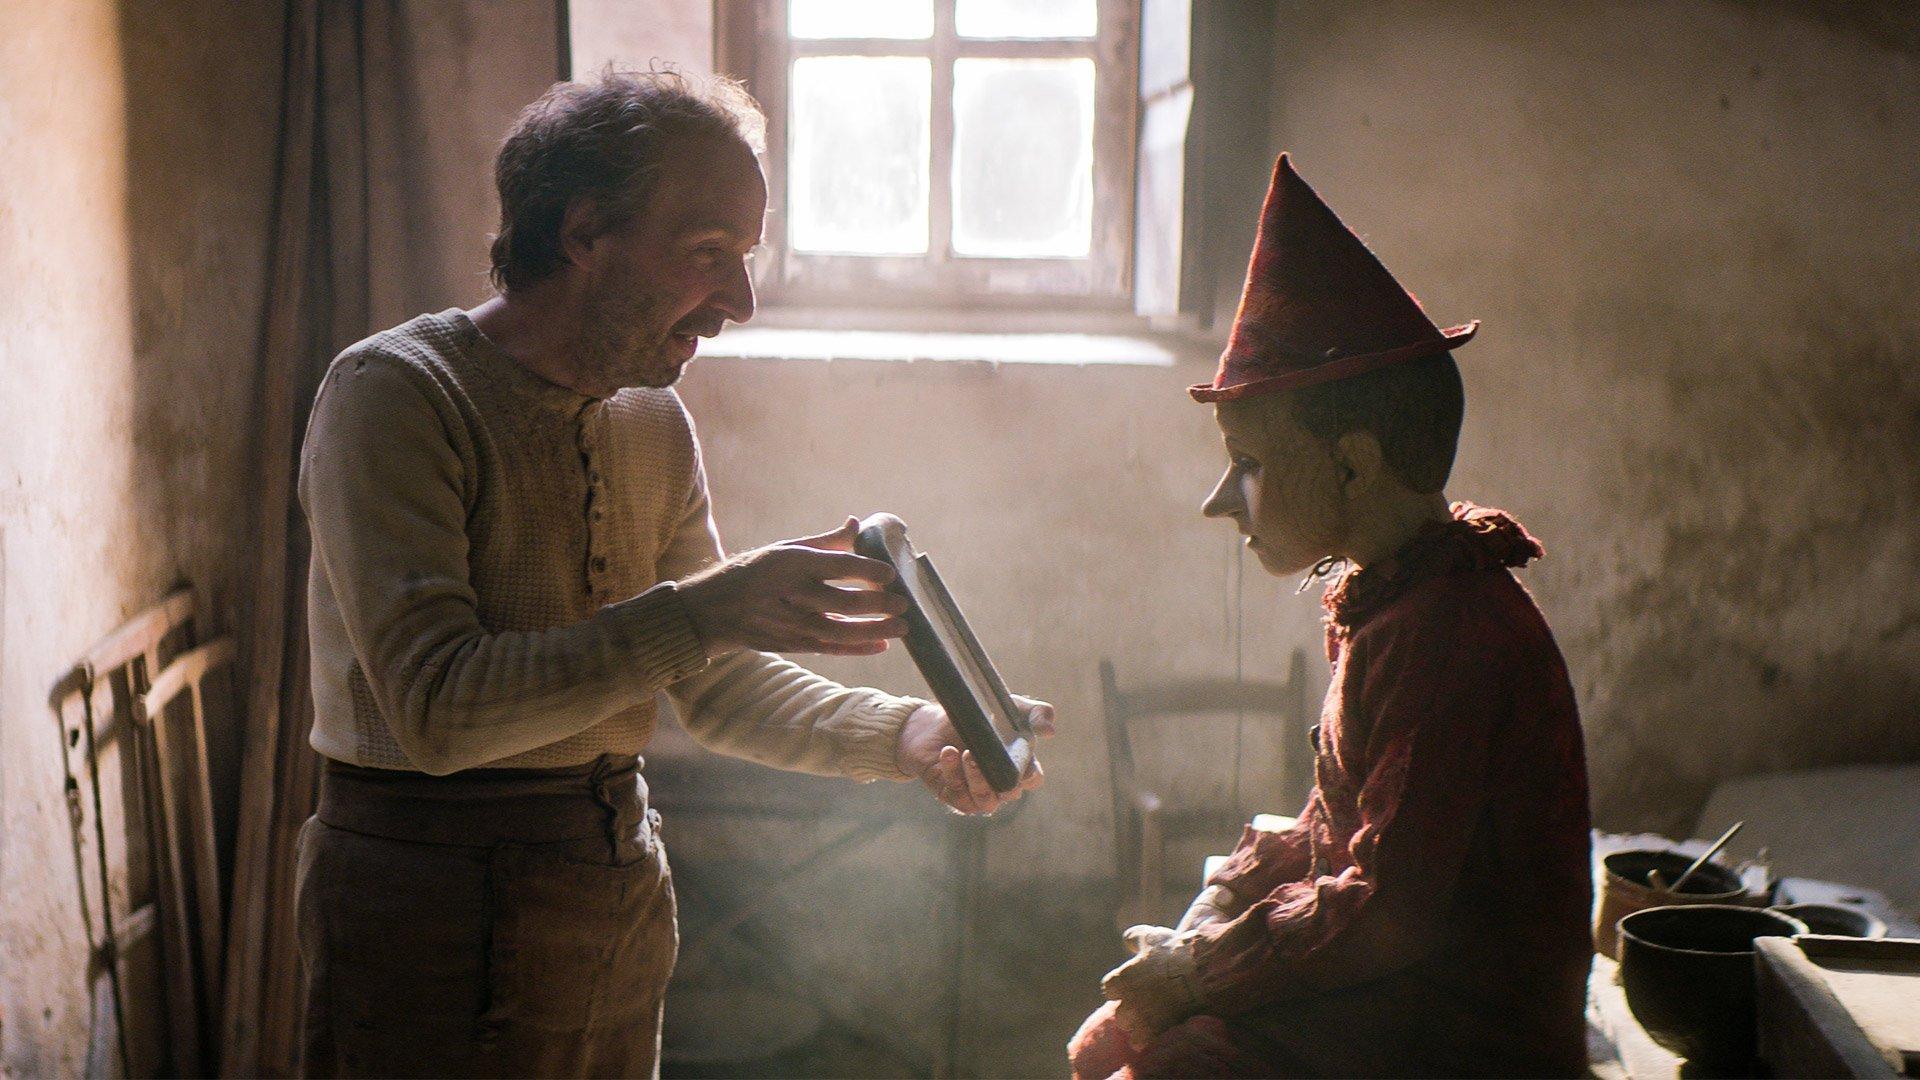 فیلم پینوکیو با بازی روبرتو بنینی در کریسمس ۲۰۲۰ روی پرده سینماهای آمریکا خواهد رفت 1